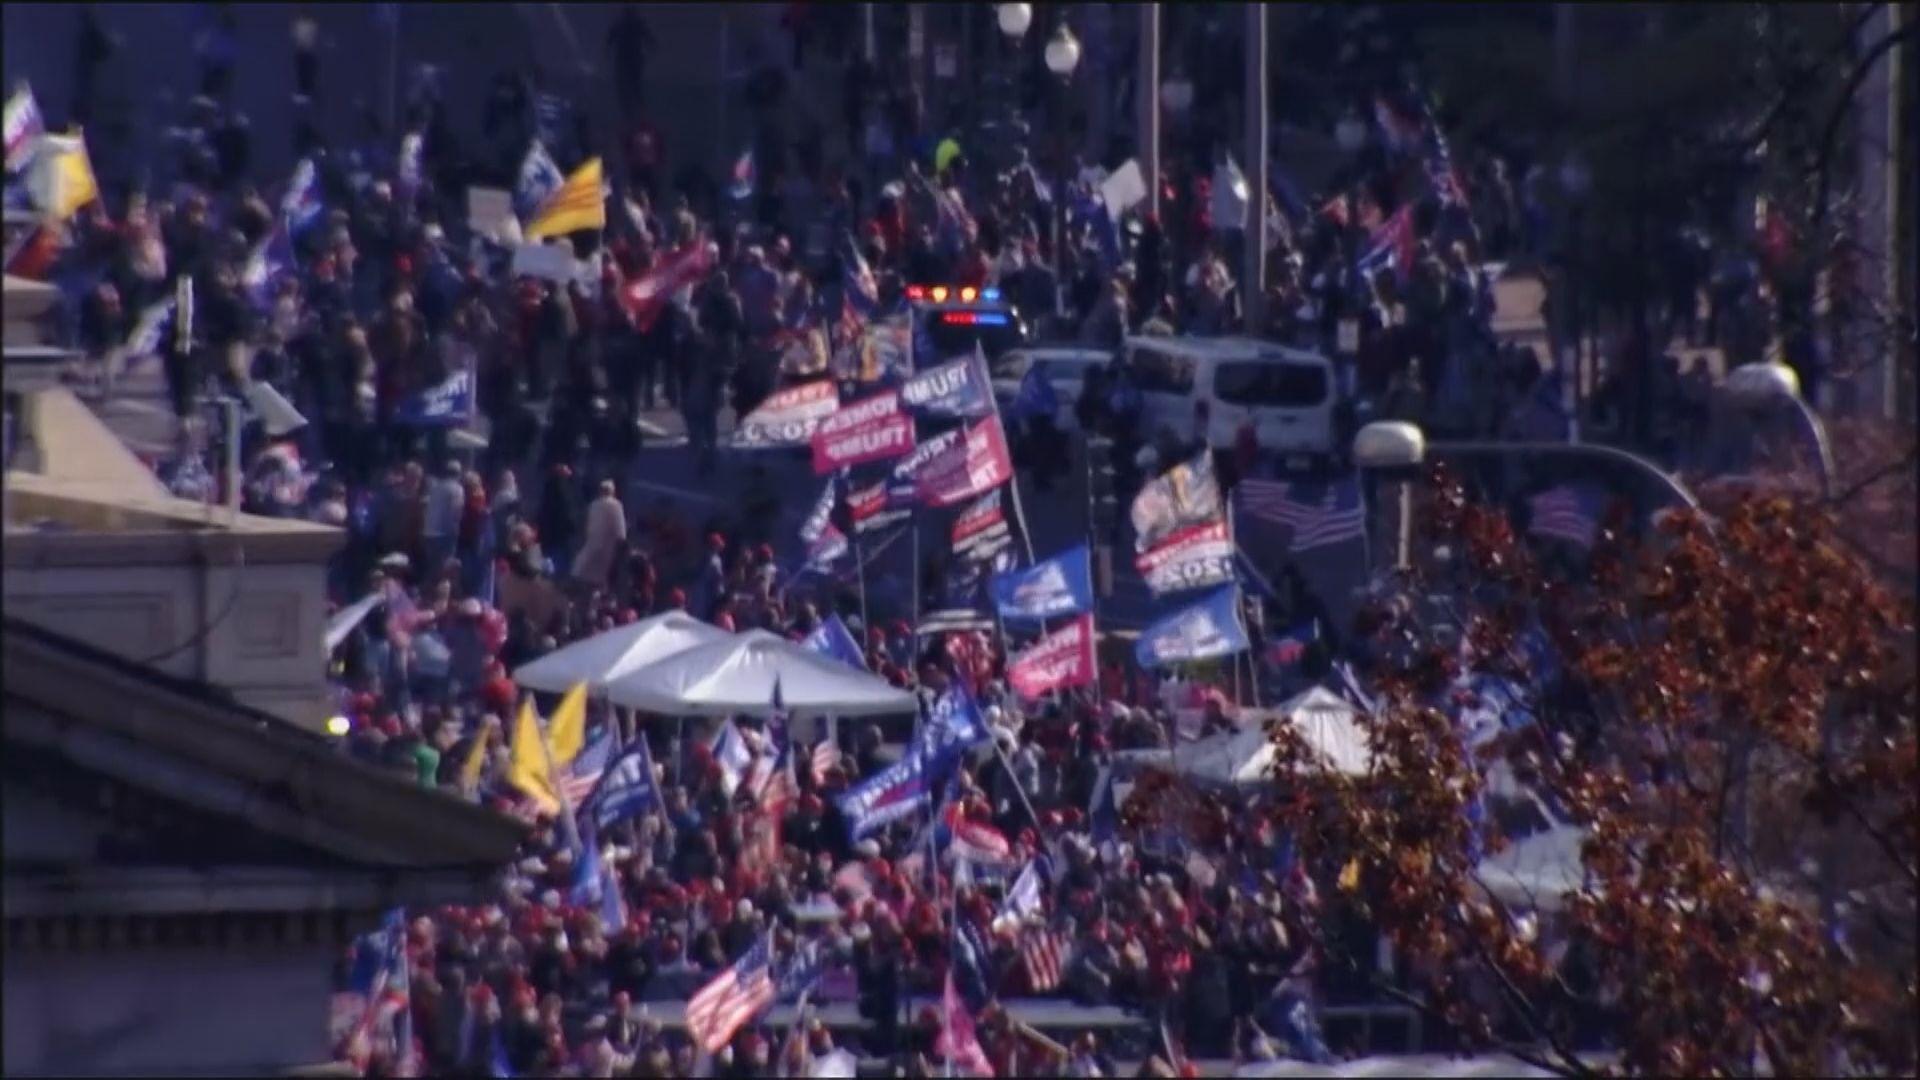 華盛頓大批民眾遊行聲援特朗普 拜登繼續籌組內閣